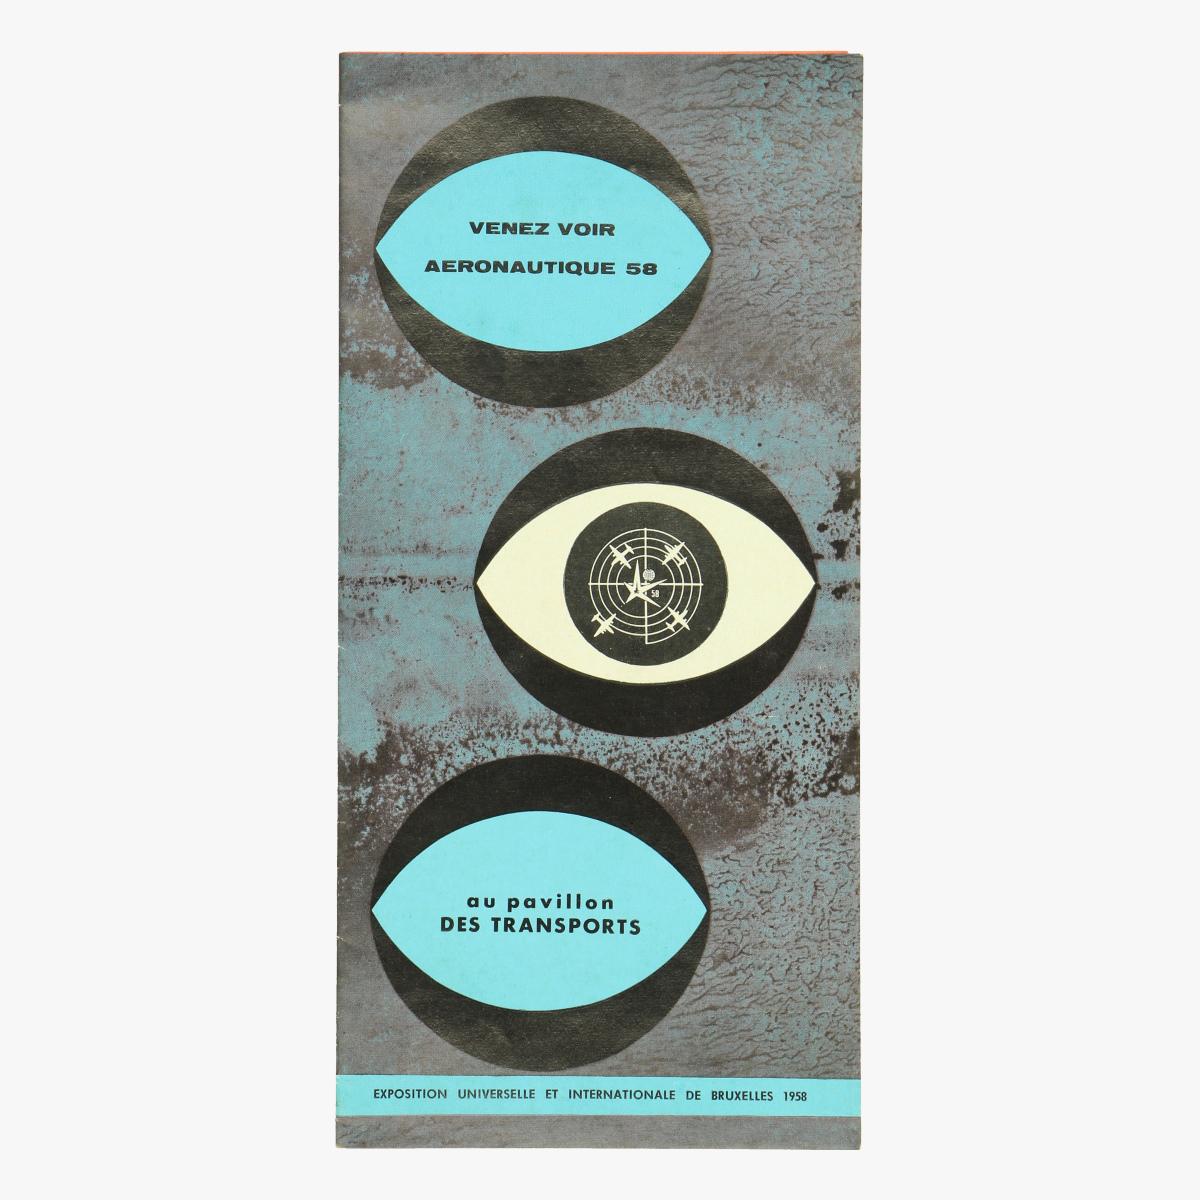 Afbeeldingen van expo 58 flyer venez voir au pavillon des transport